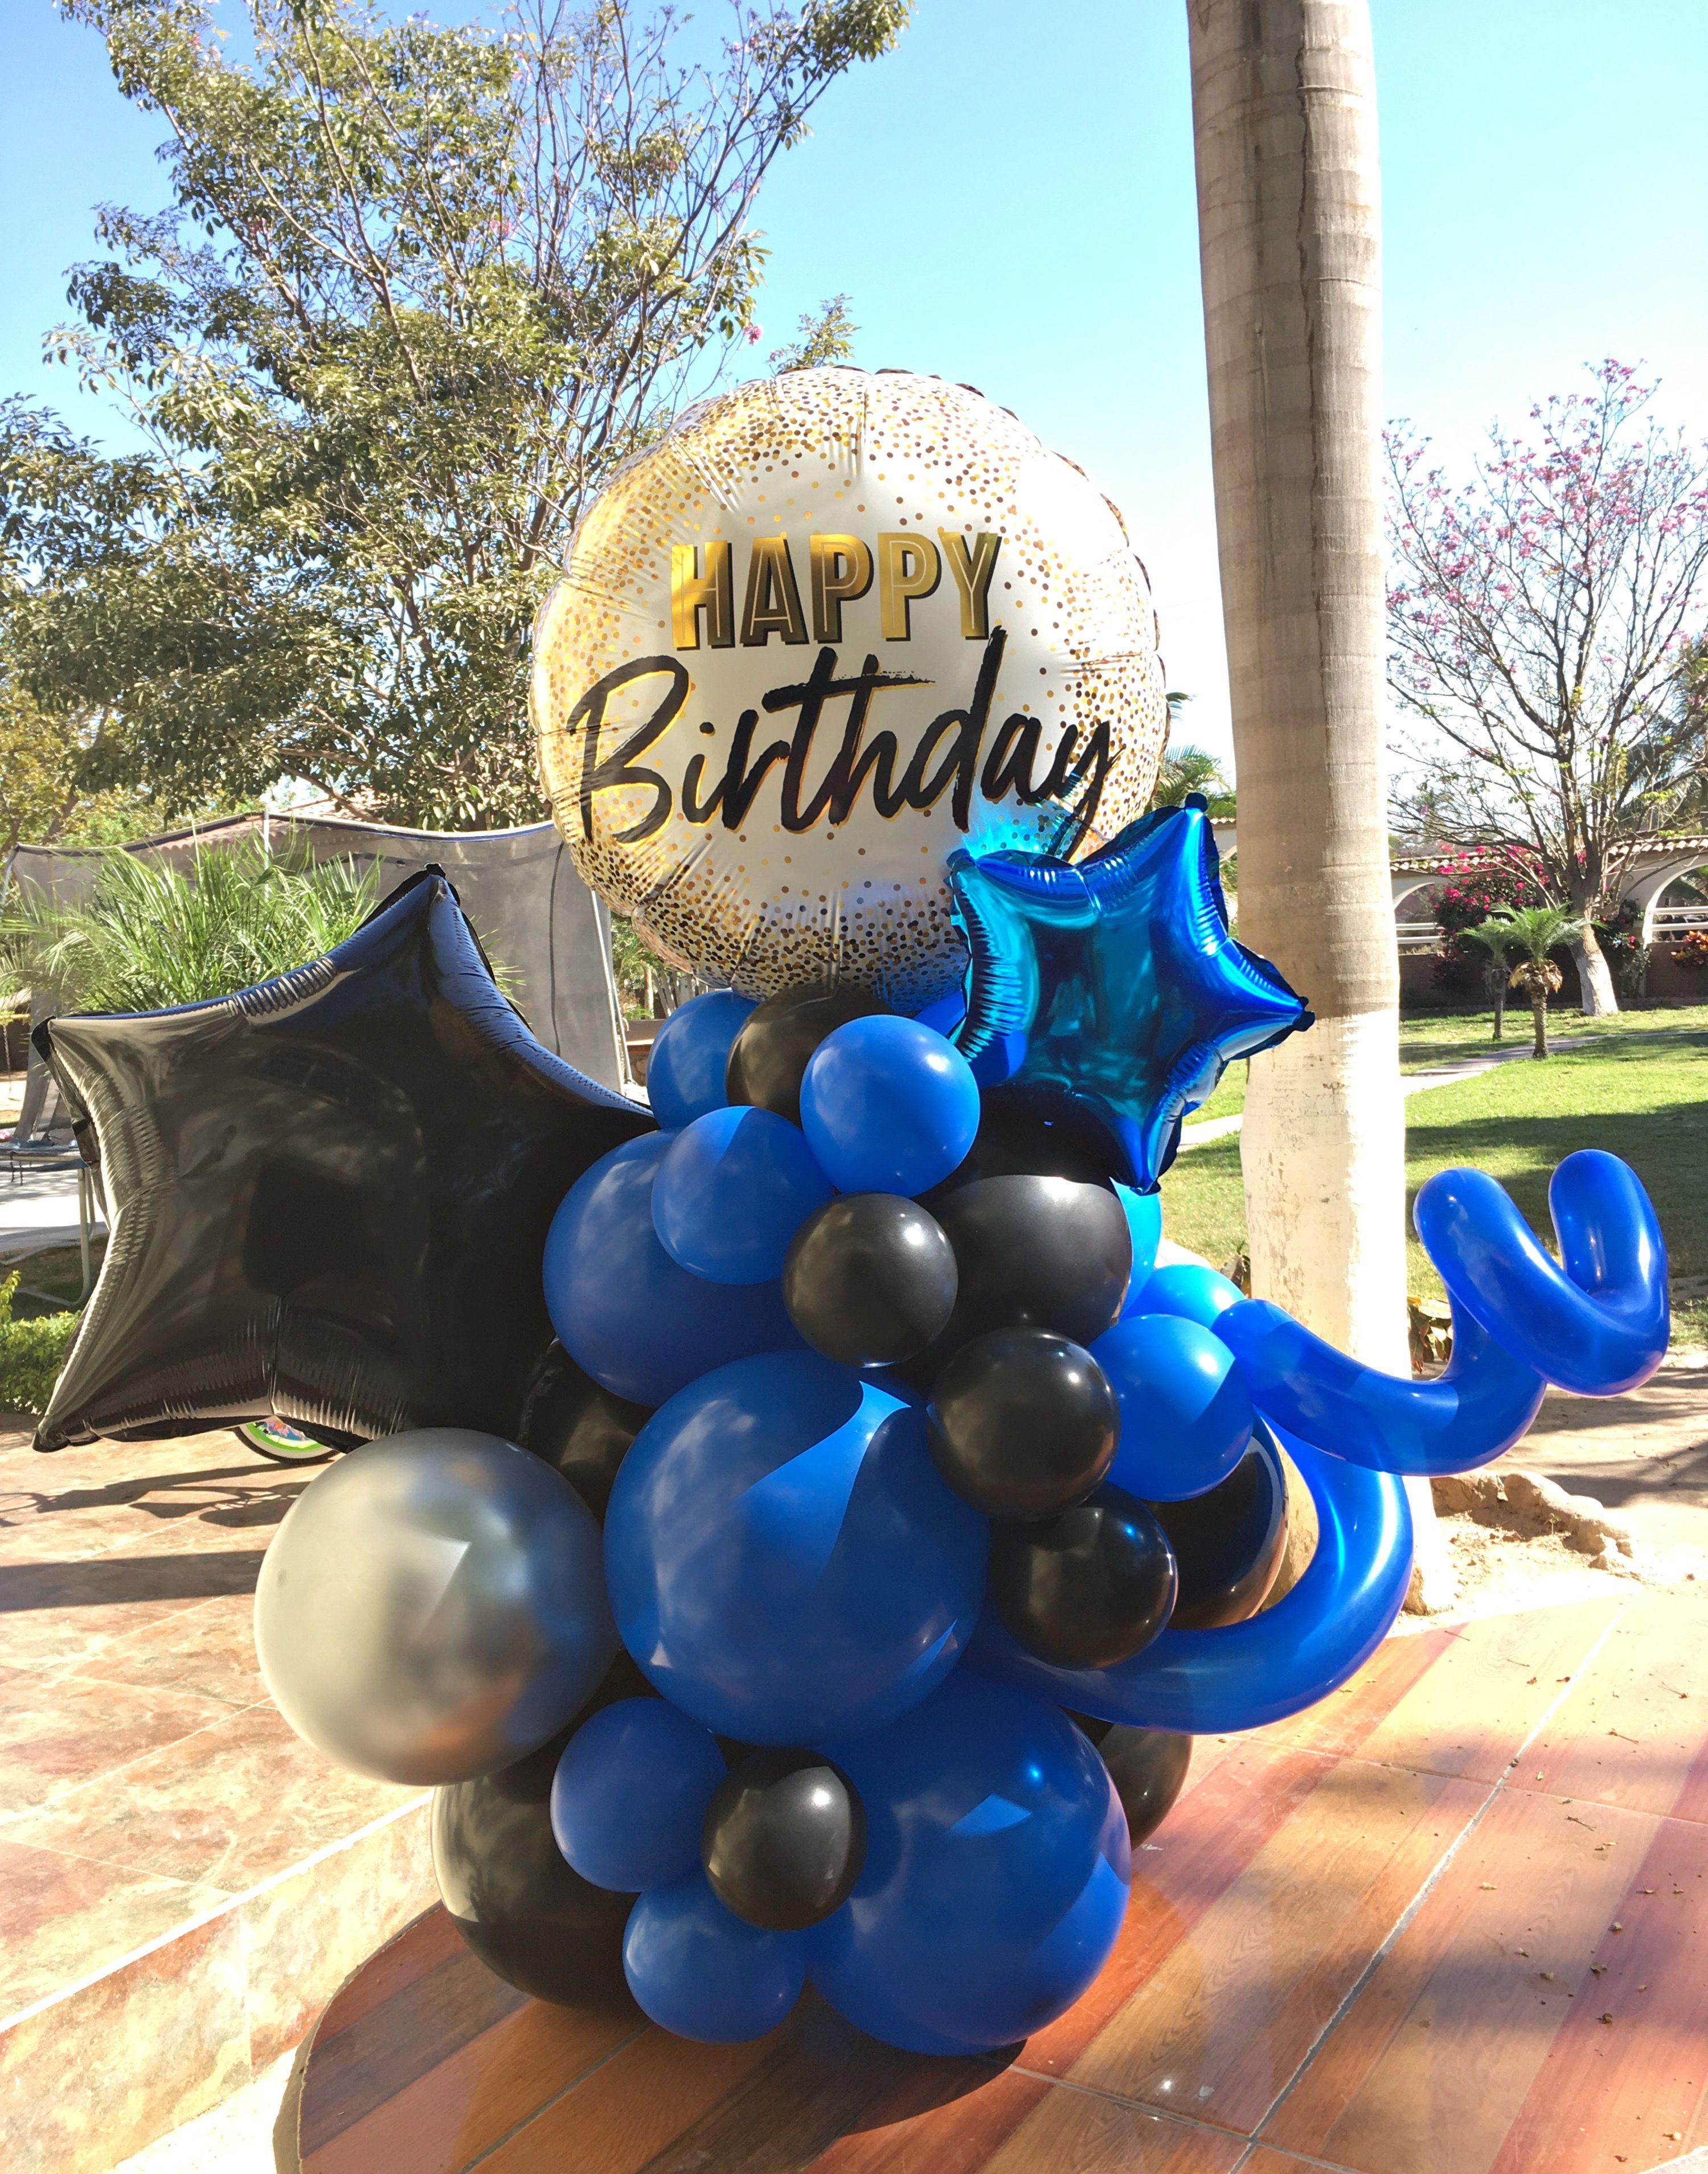 Diseño Y Decoracion De Eventos Cindyrdecoraciones I Decoraciones De Globos Para Fiesta Decoración Con Globos Cumpleaños Decoraciones De Fiestas Para Bebés